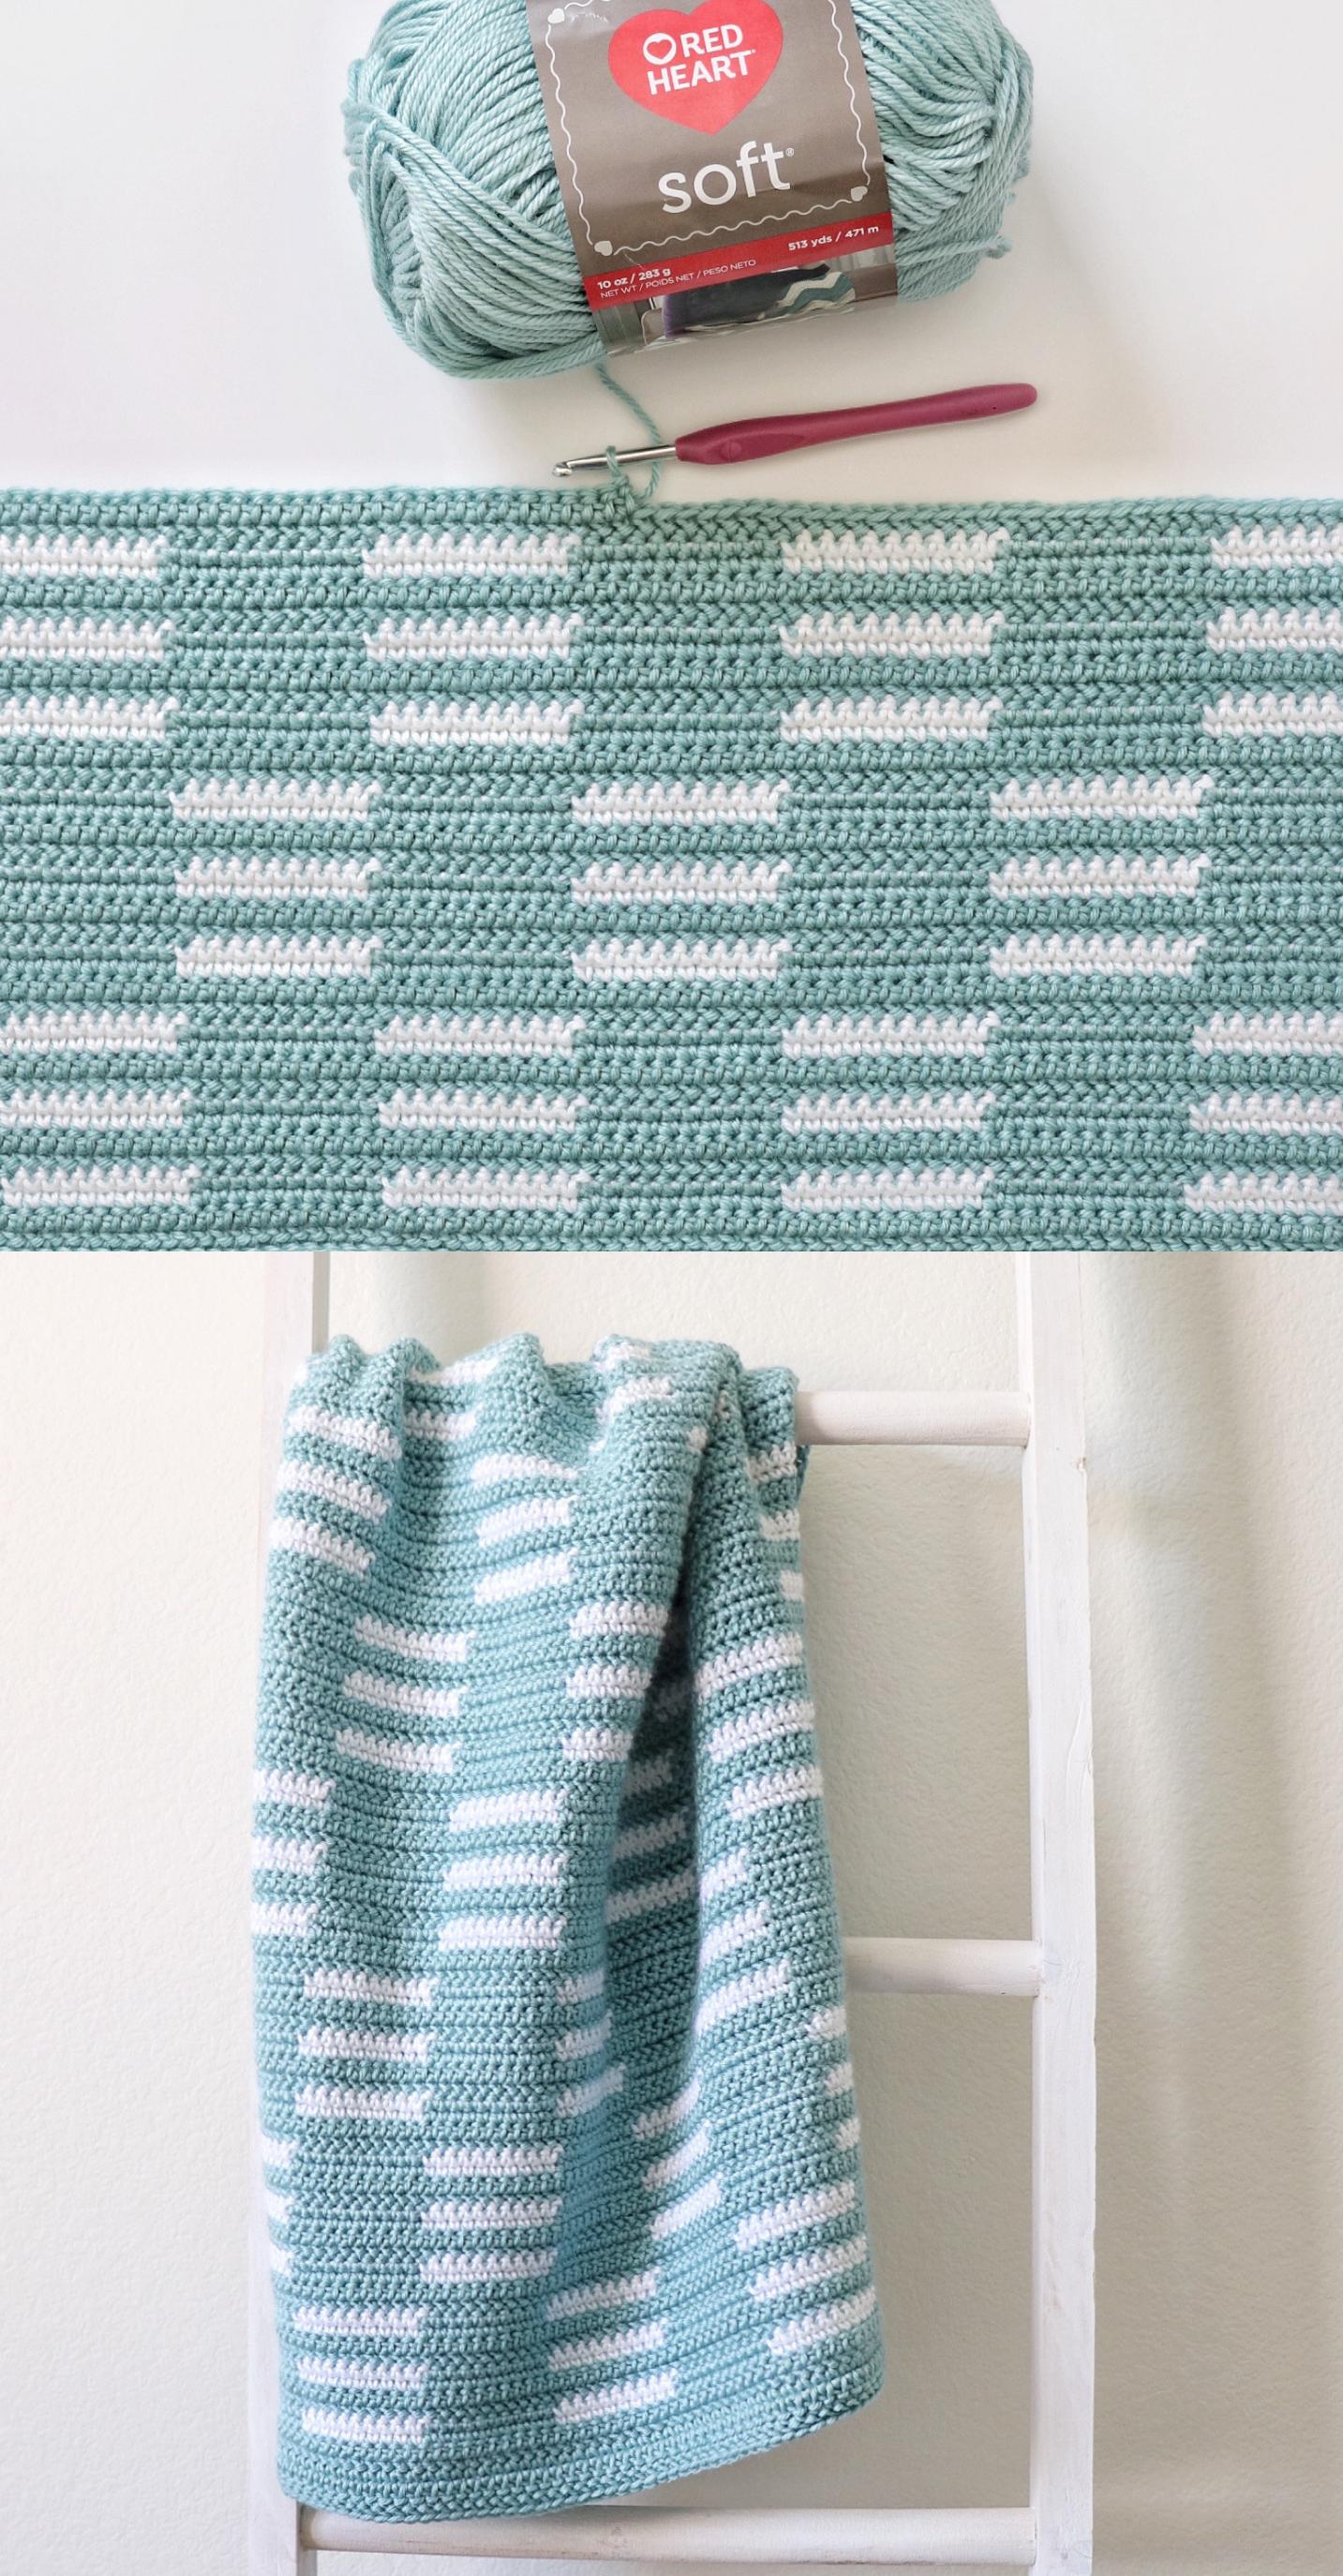 Free Pattern - Crochet Checkerboard Lines Blanket